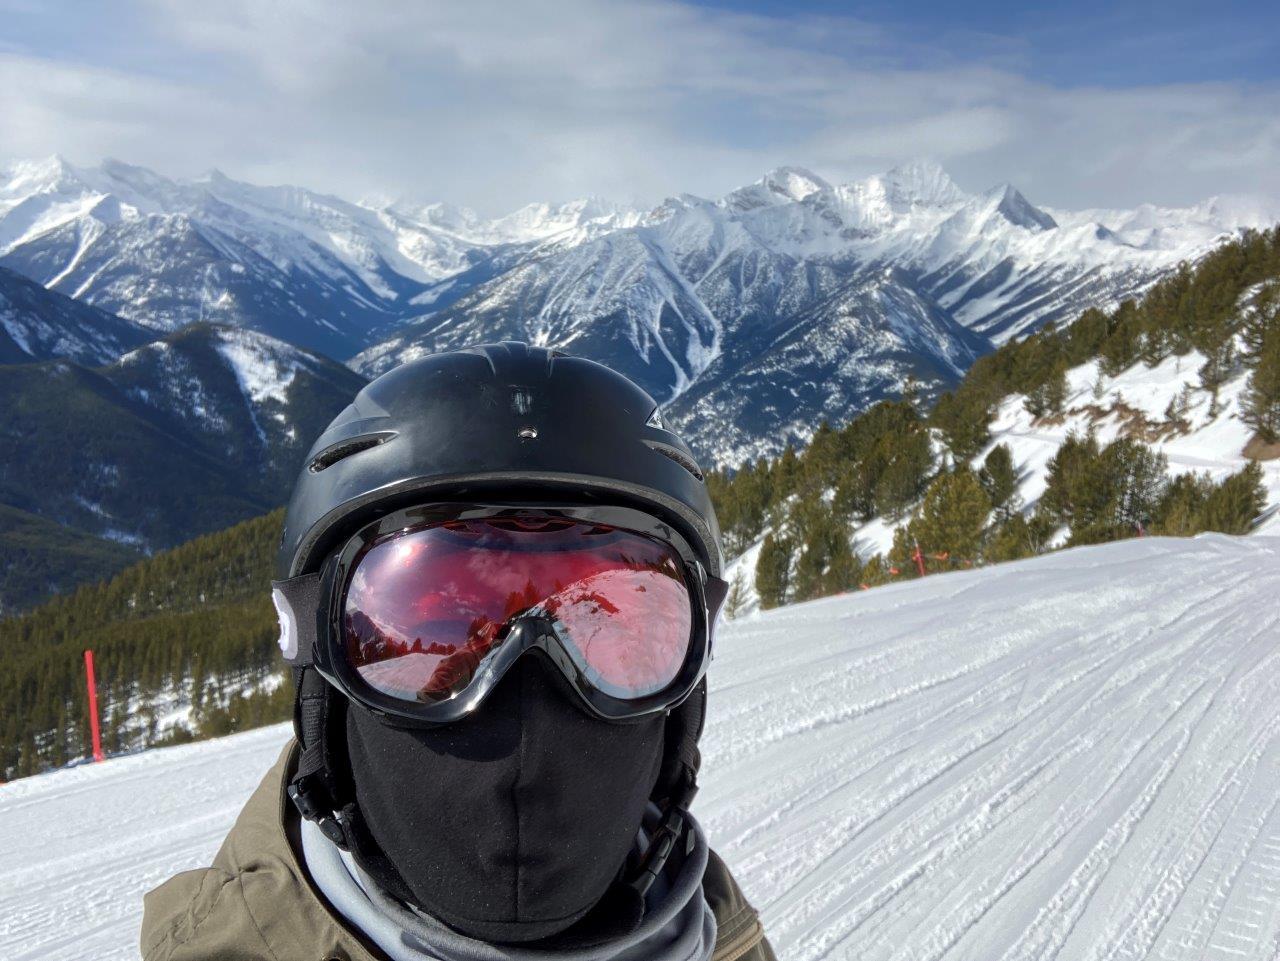 Skier at Panorama Resort